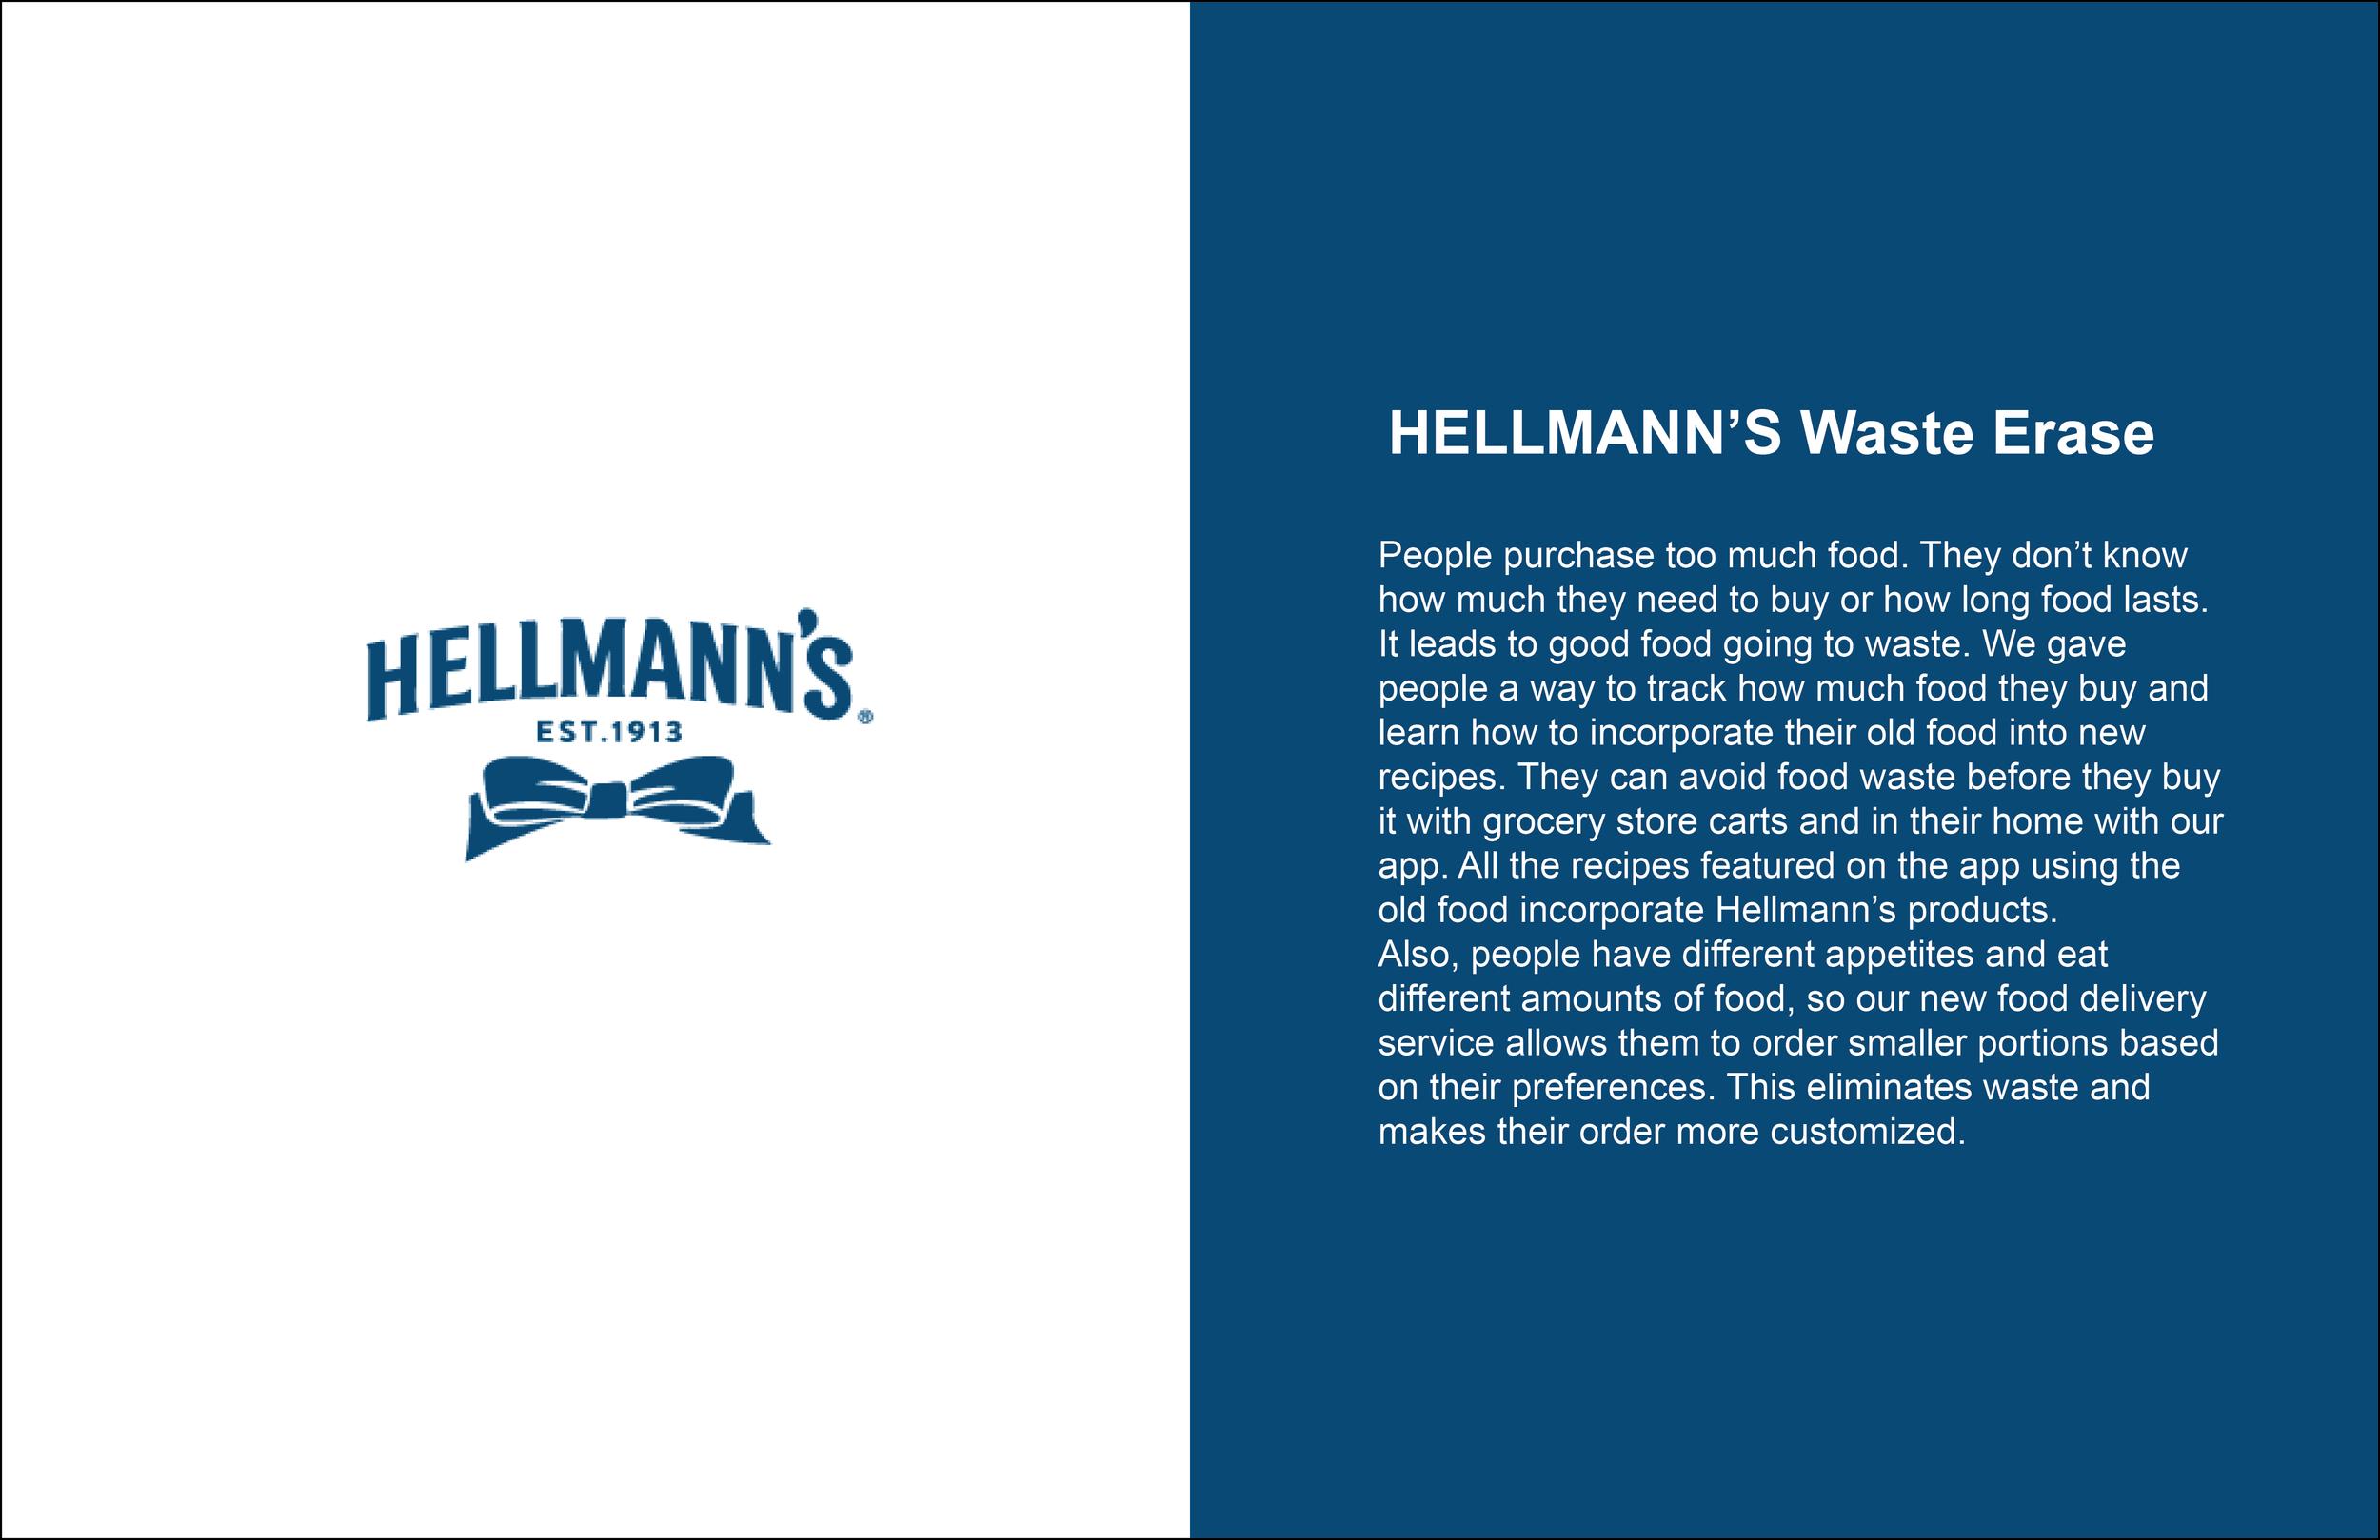 hellmann's waste erase.png